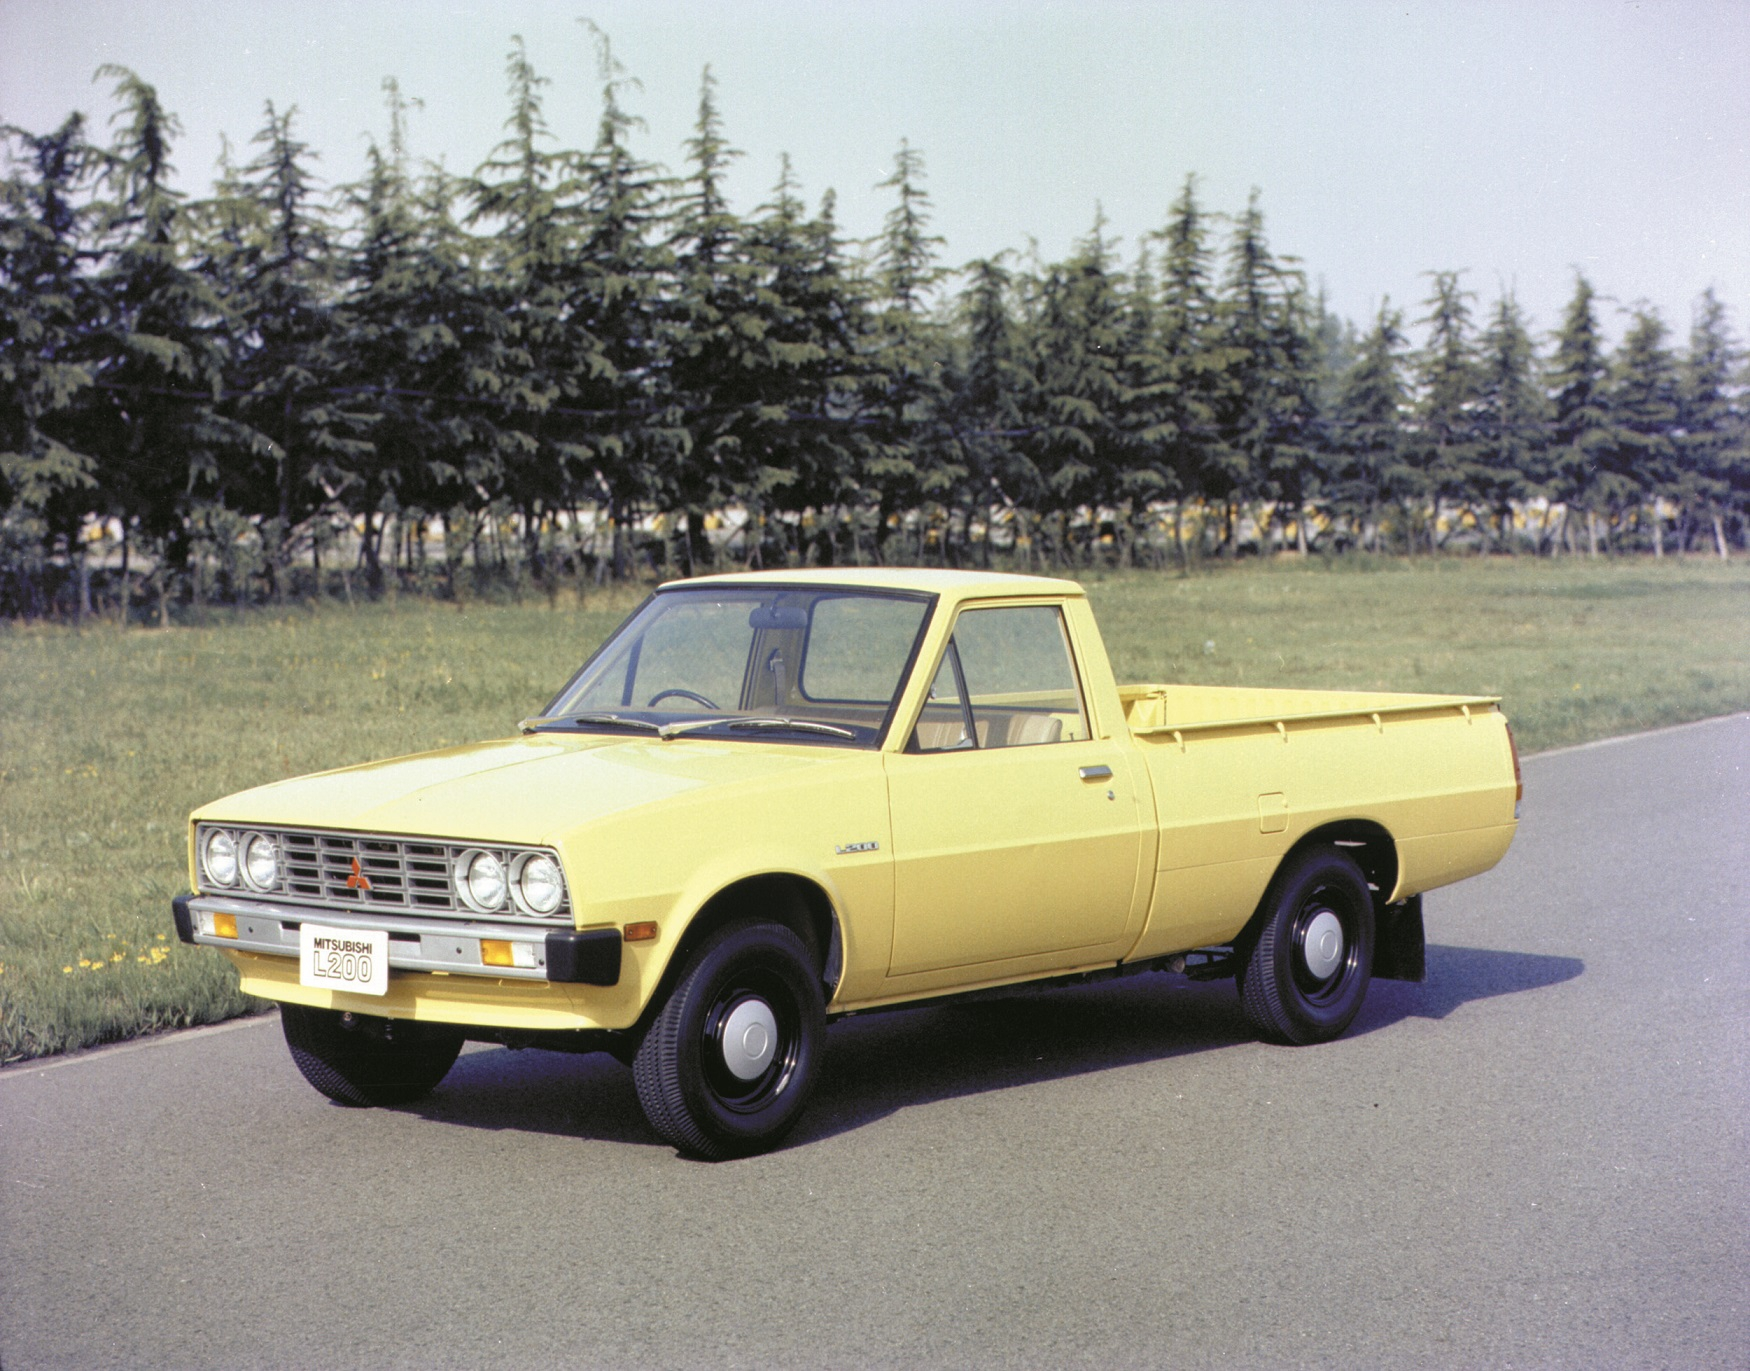 เปิดตำนาน 40 ปี รถกระบะมิตซูบิชิ สู่ปิกอัพโฉมใหม่เร็วๆนี้